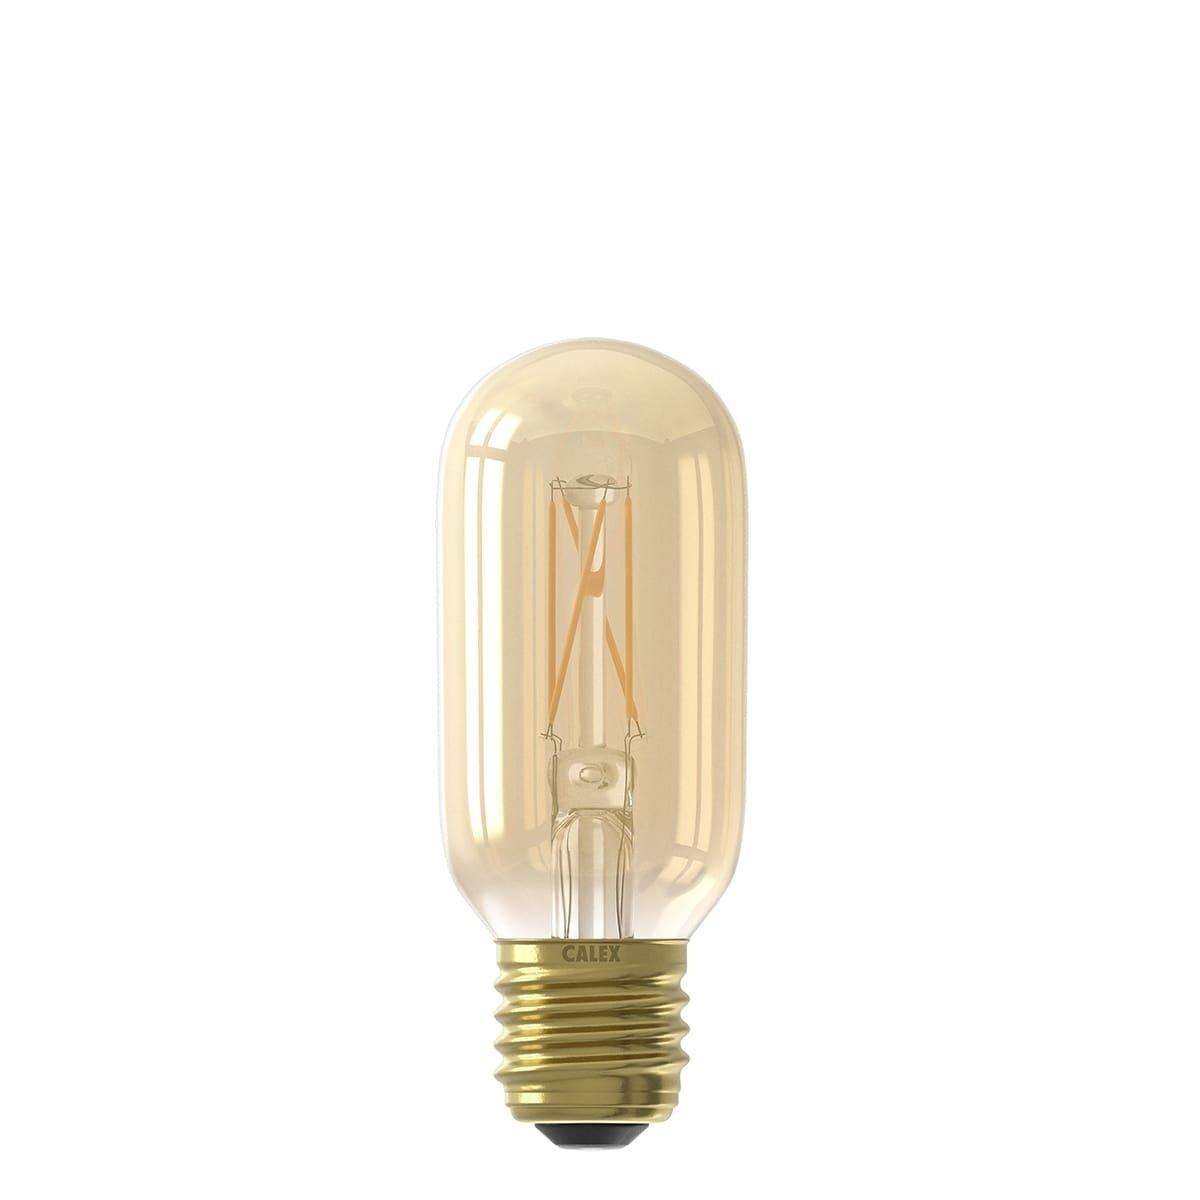 Außenbeleuchtung Lichtquellen Led carbon glühlampe Tube Gold - 4W